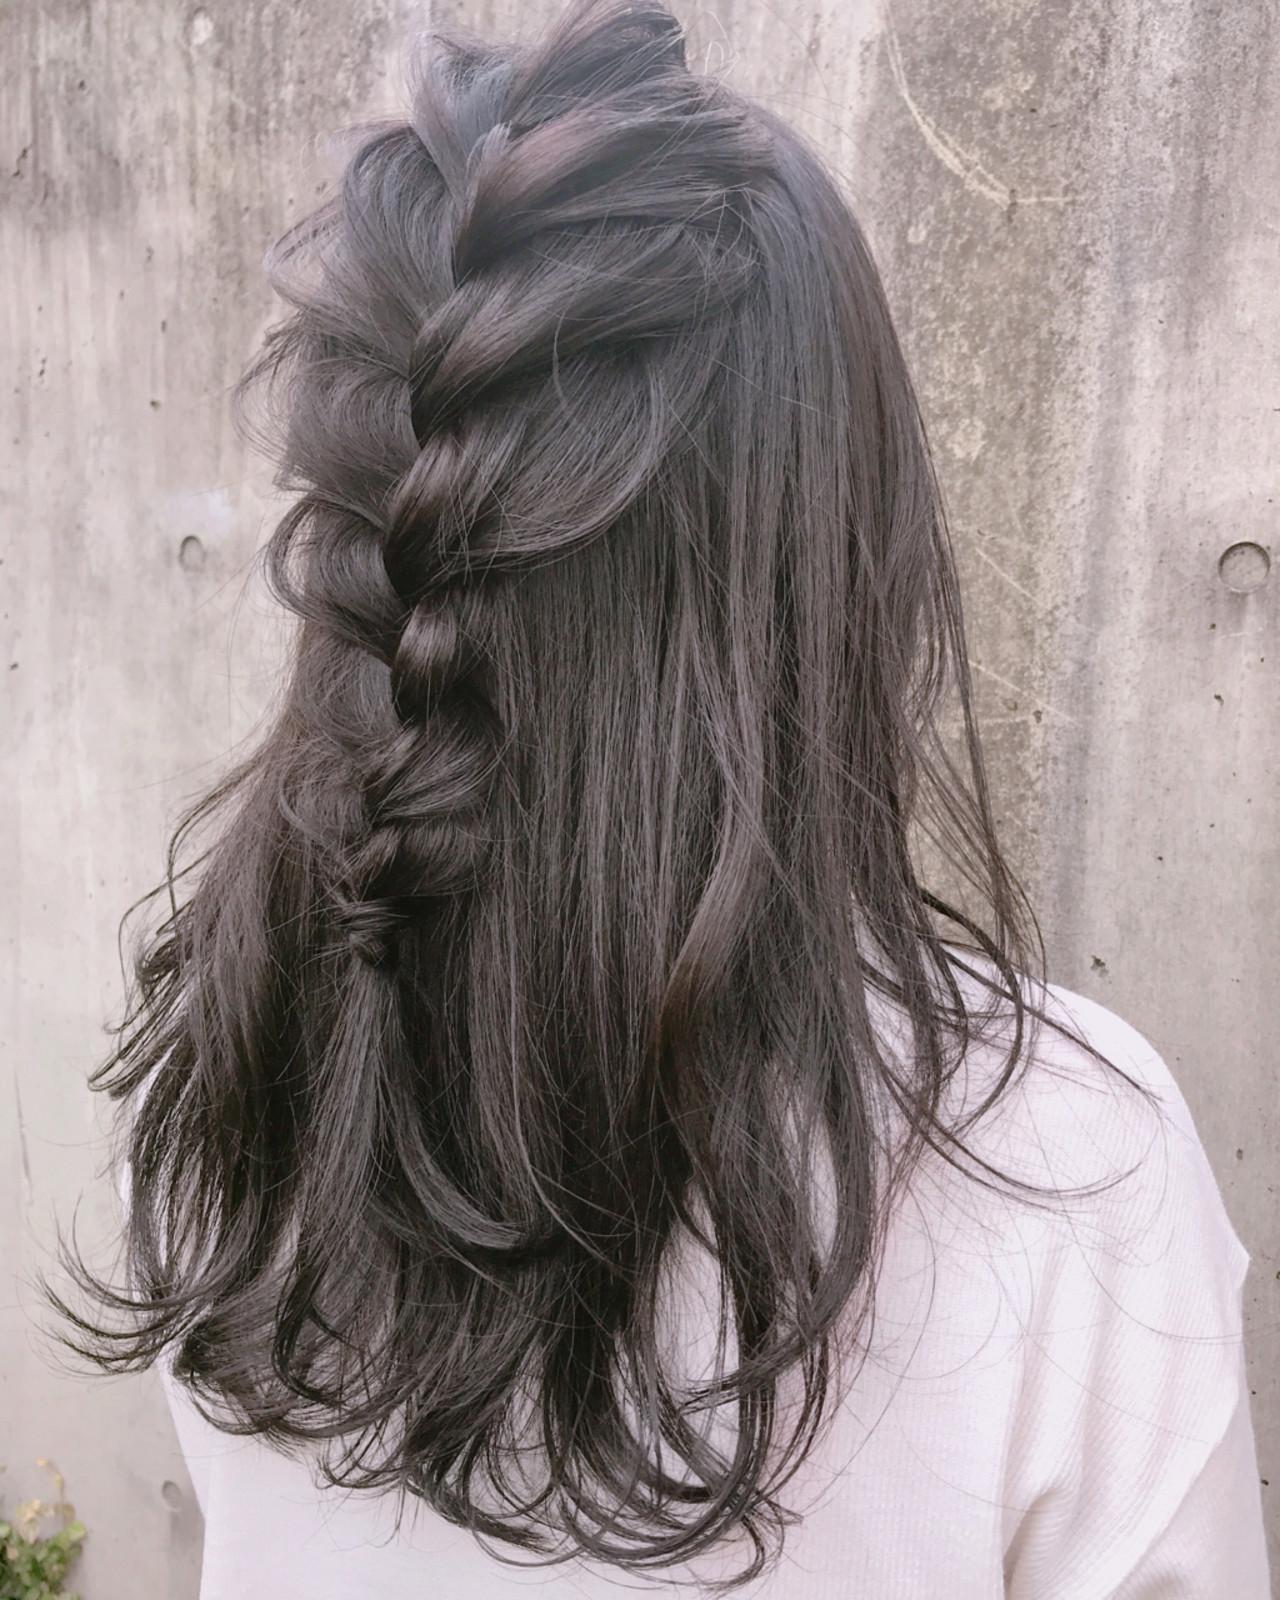 結婚式 オフィス ヘアアレンジ エレガント ヘアスタイルや髪型の写真・画像